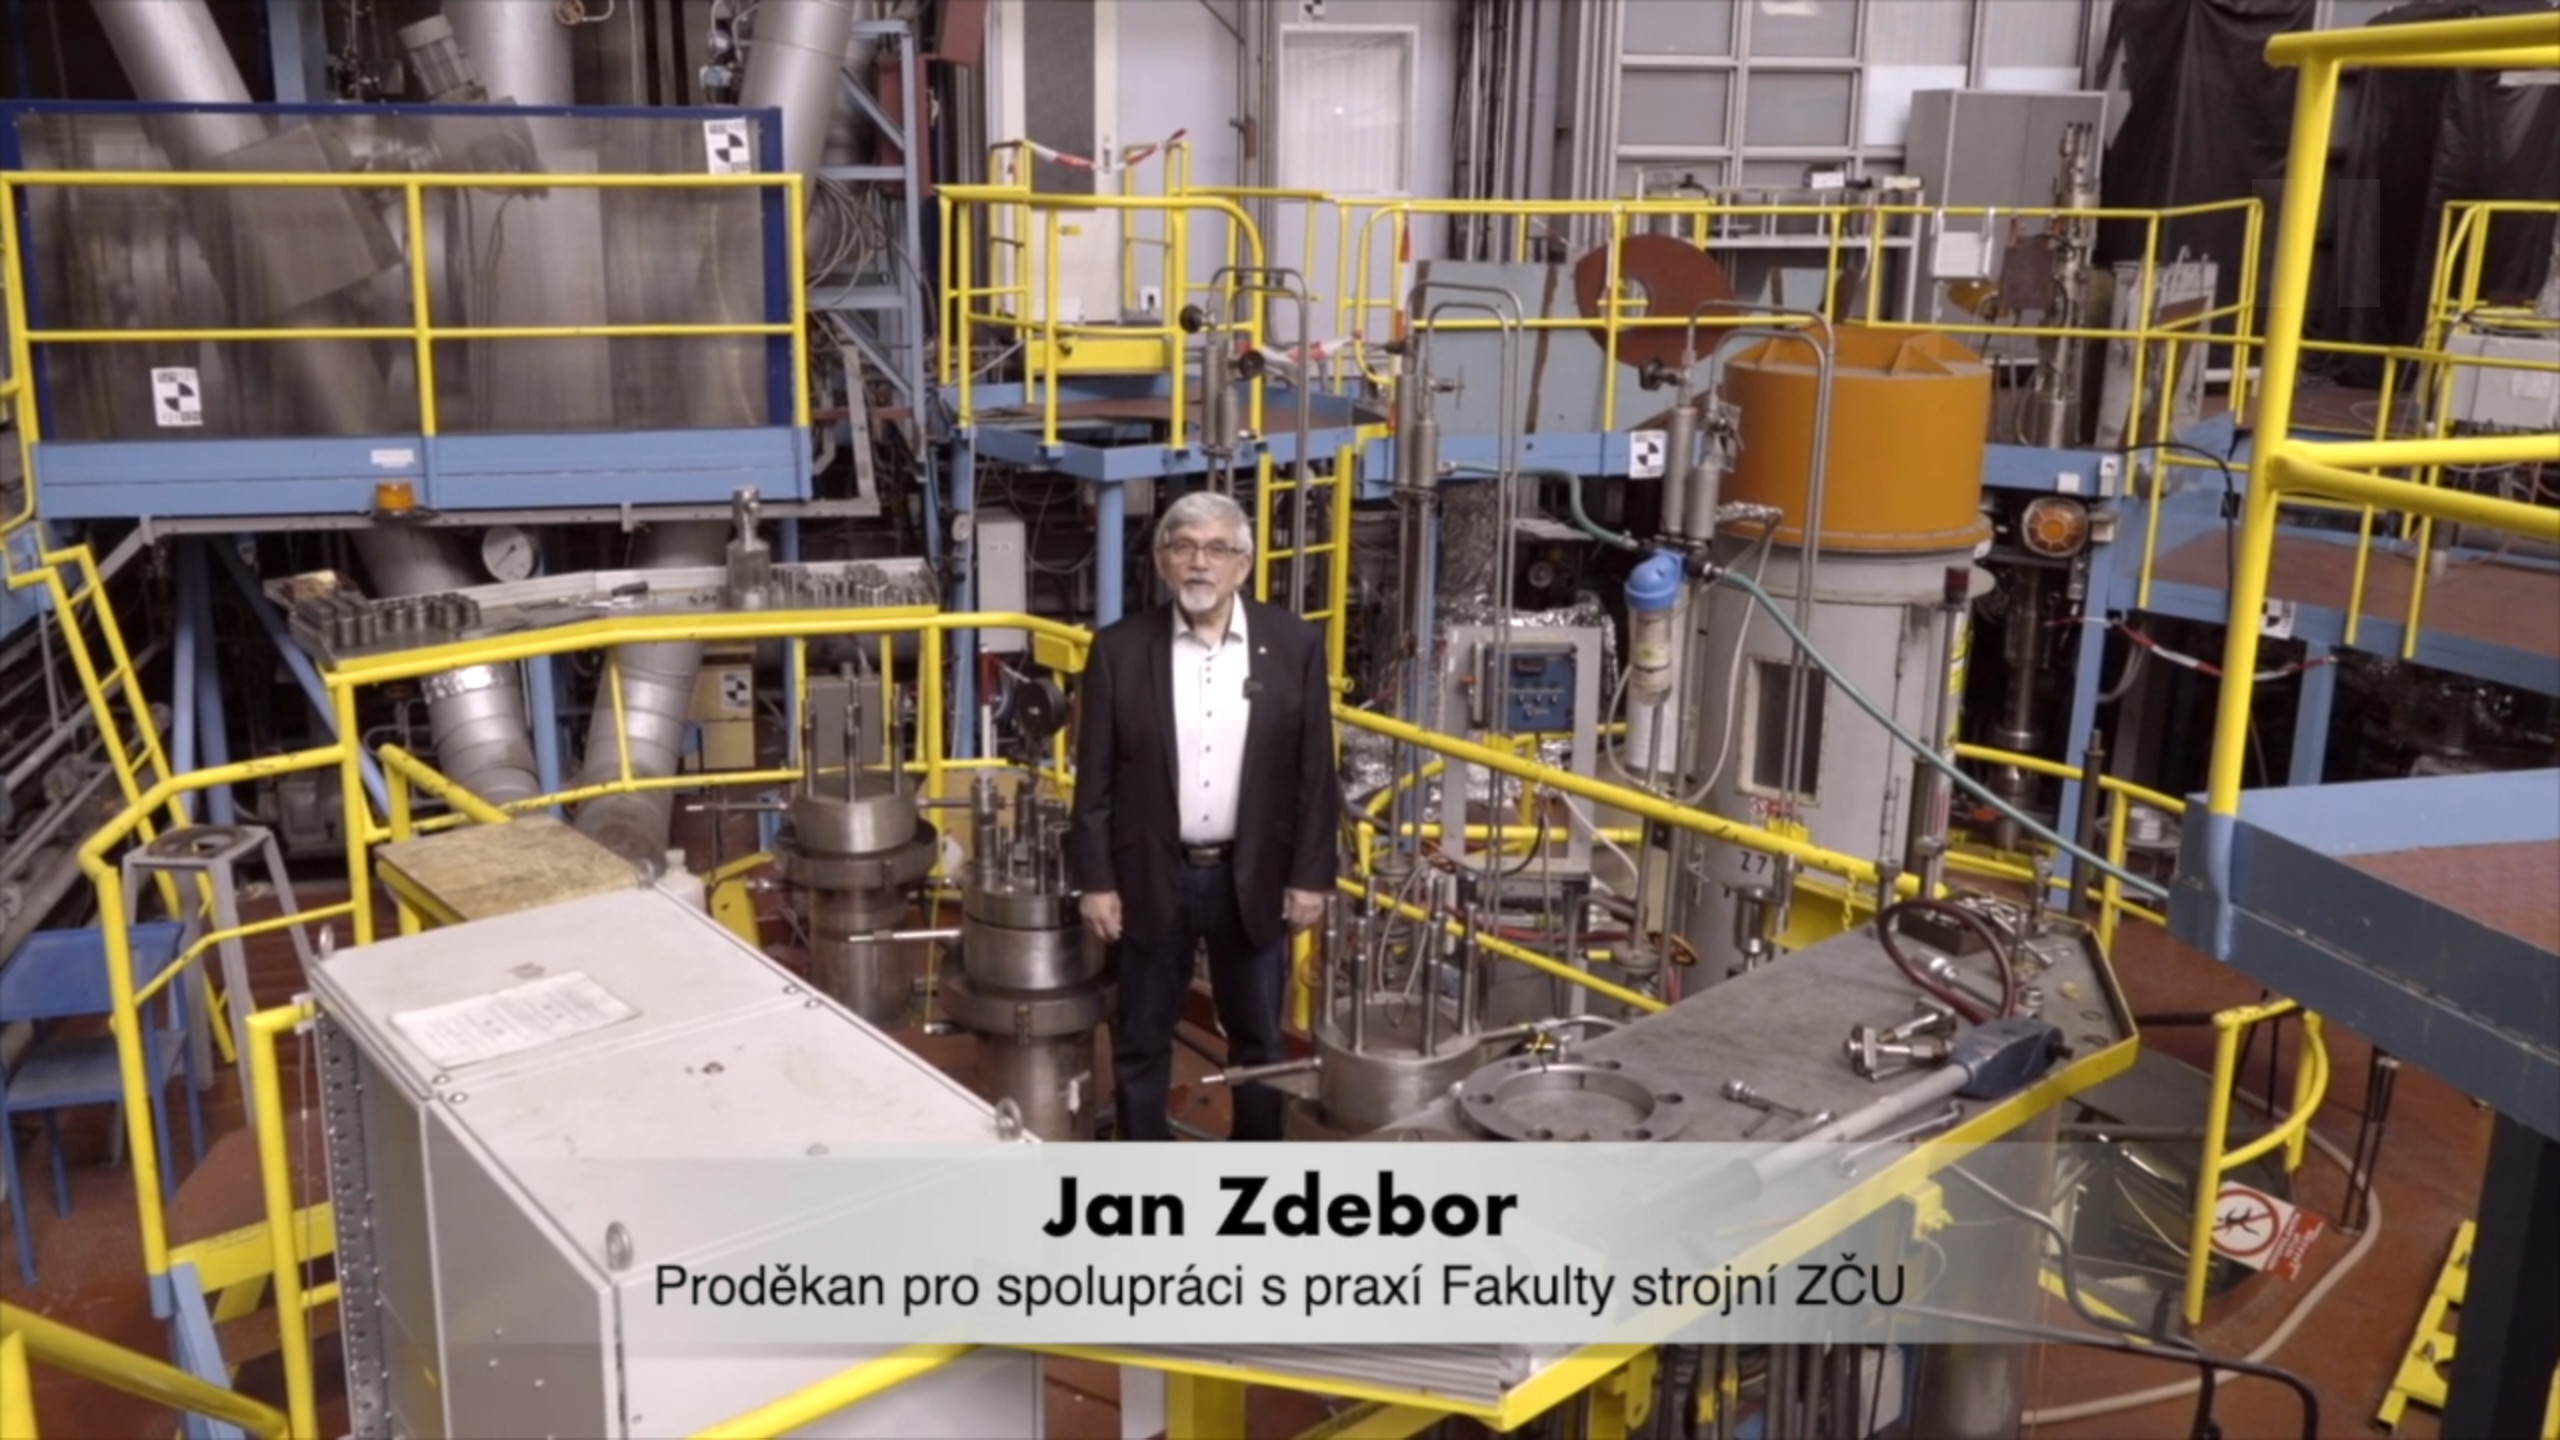 jaderná energie - 65 let: Jan Zdebor - Československý průmysl zvládl to, co málo firem na světě - V Česku (zdebor) 1